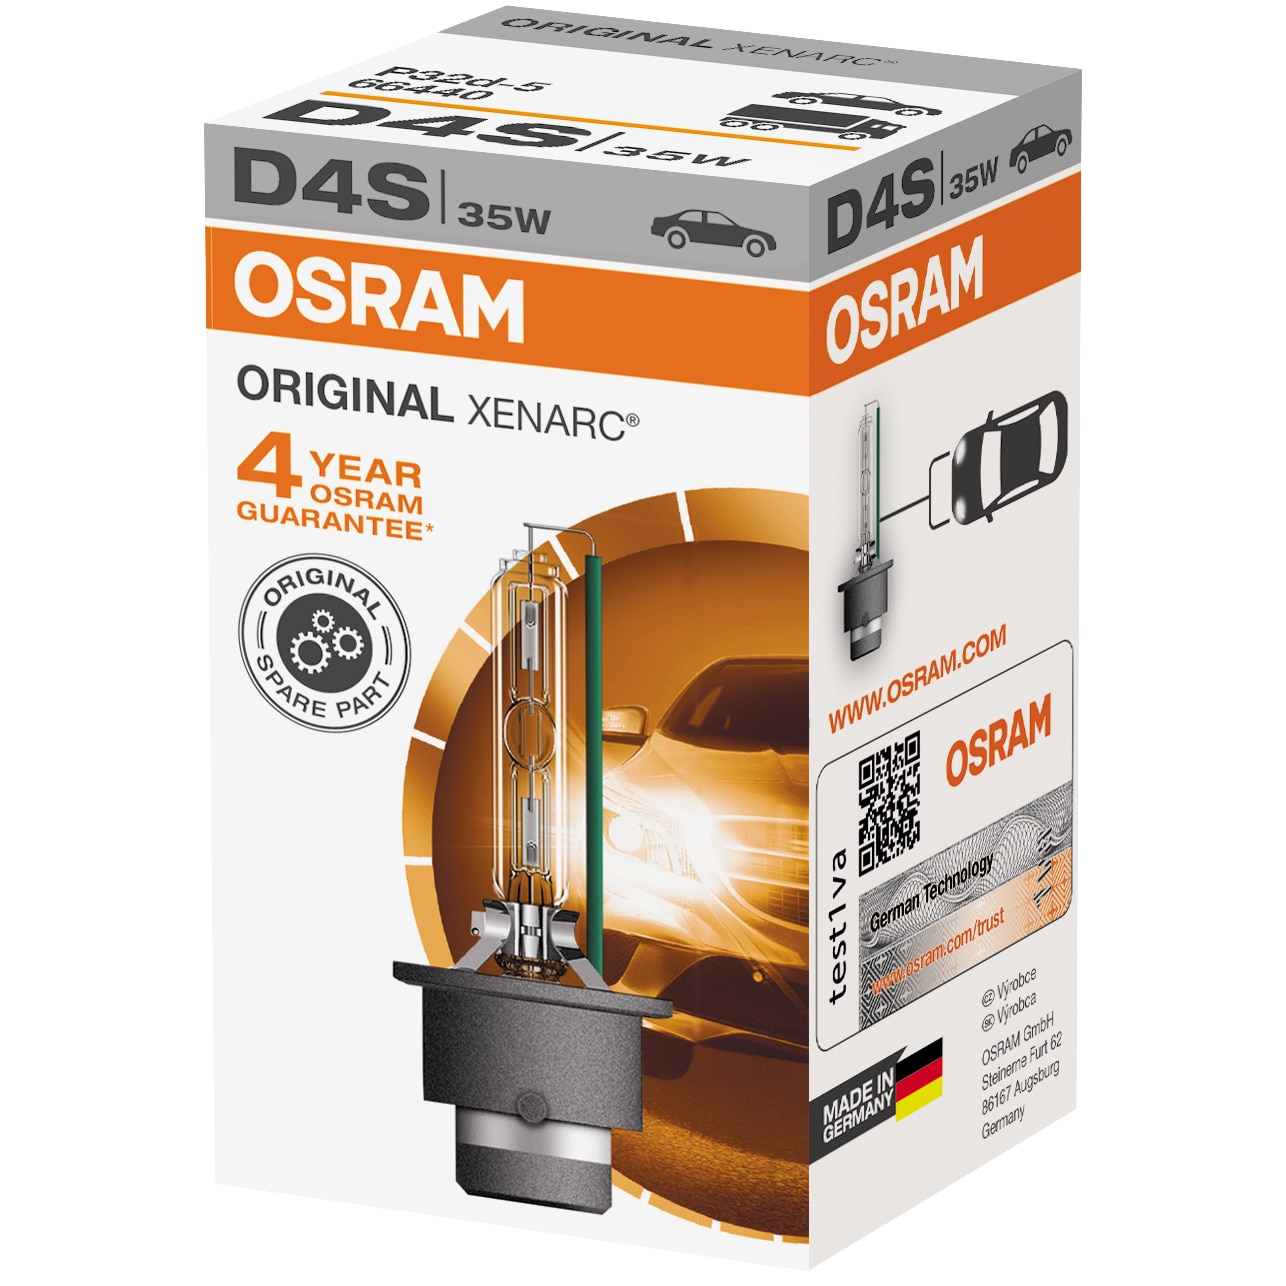 Fotografie Bec auto Xenon pentru far Osram D4S, 35W, 1 Buc